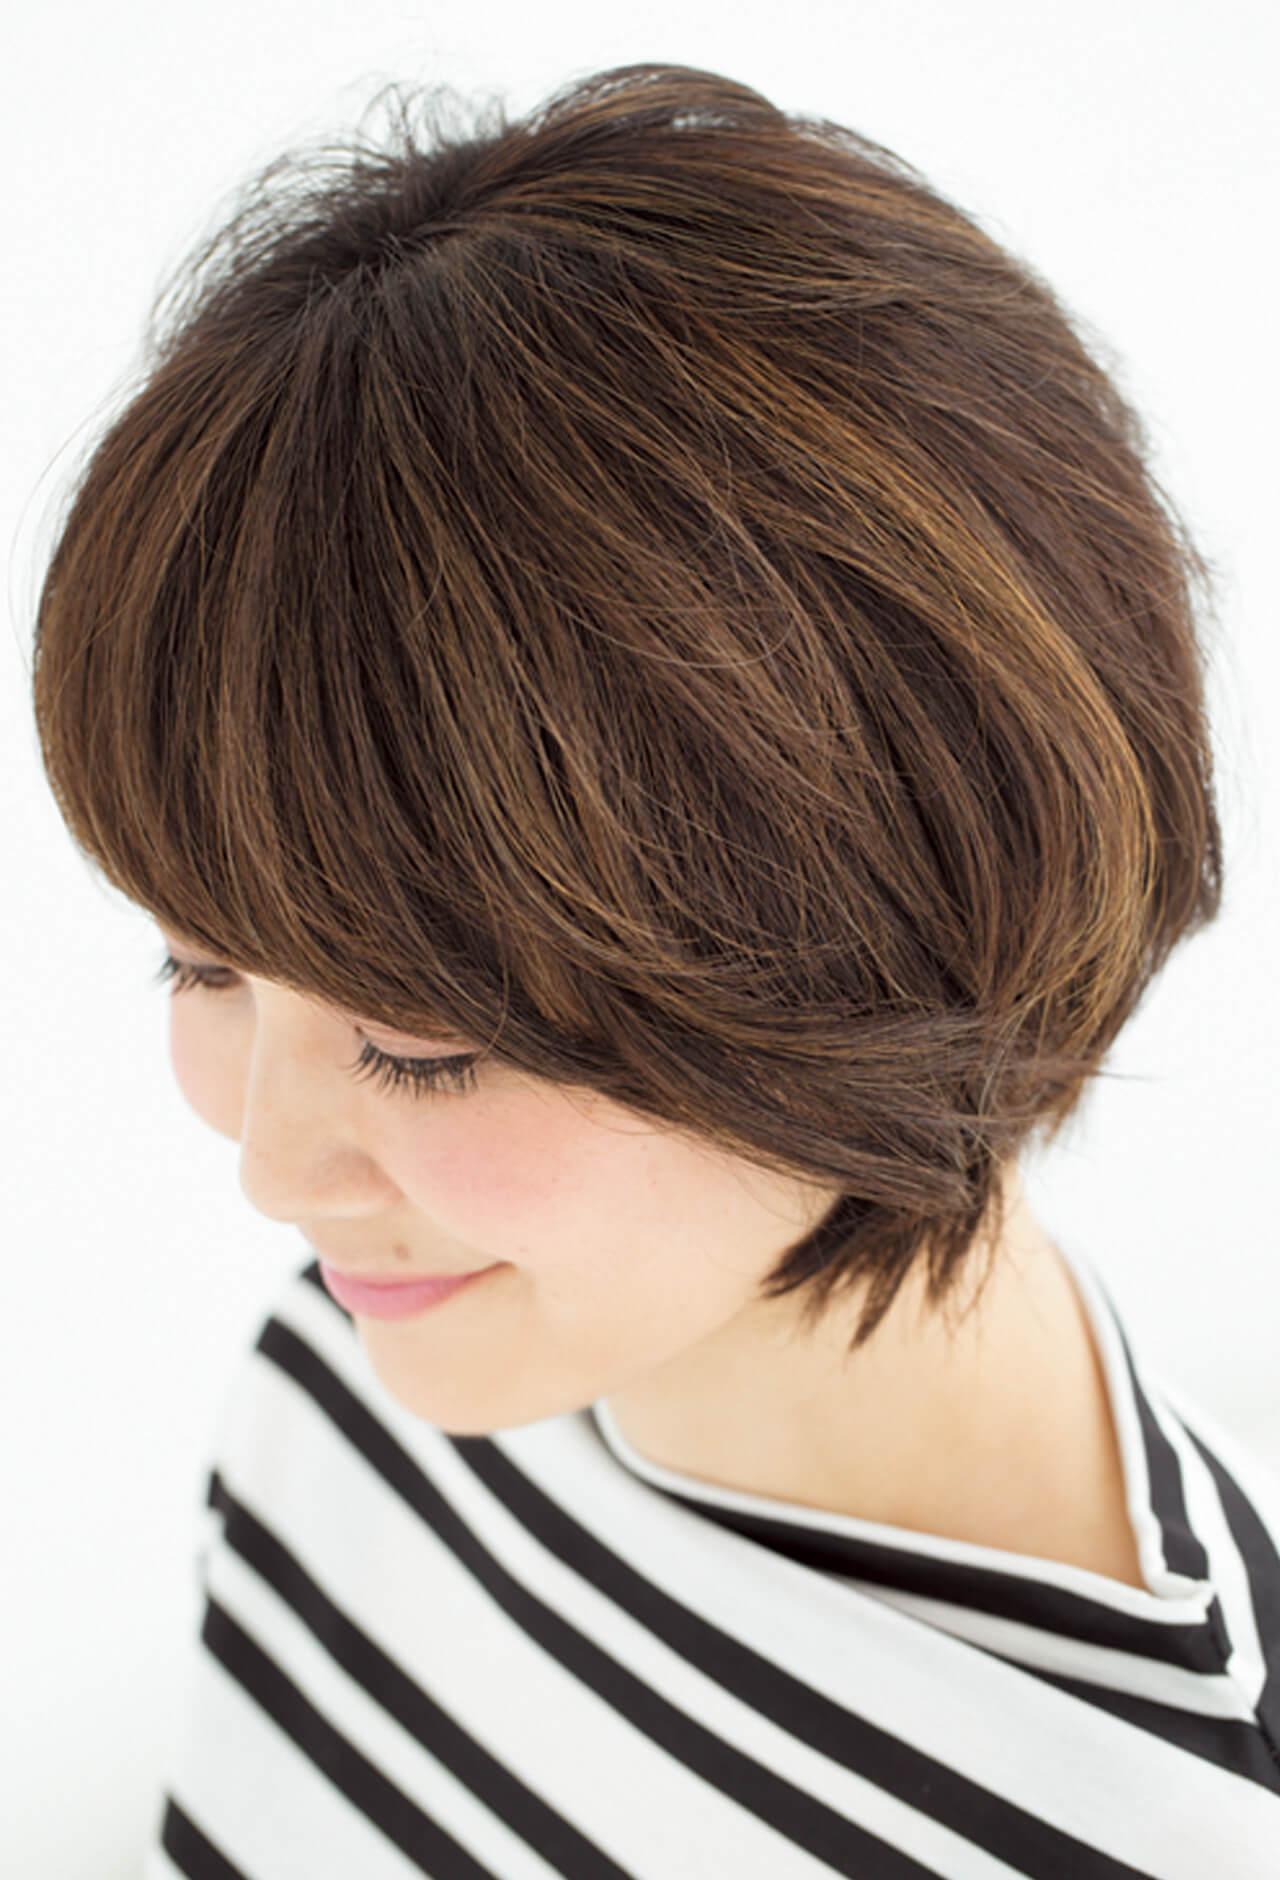 気になる白髪はグラデハイライトと深め前髪で解決!【40代のショートヘア】_1_4